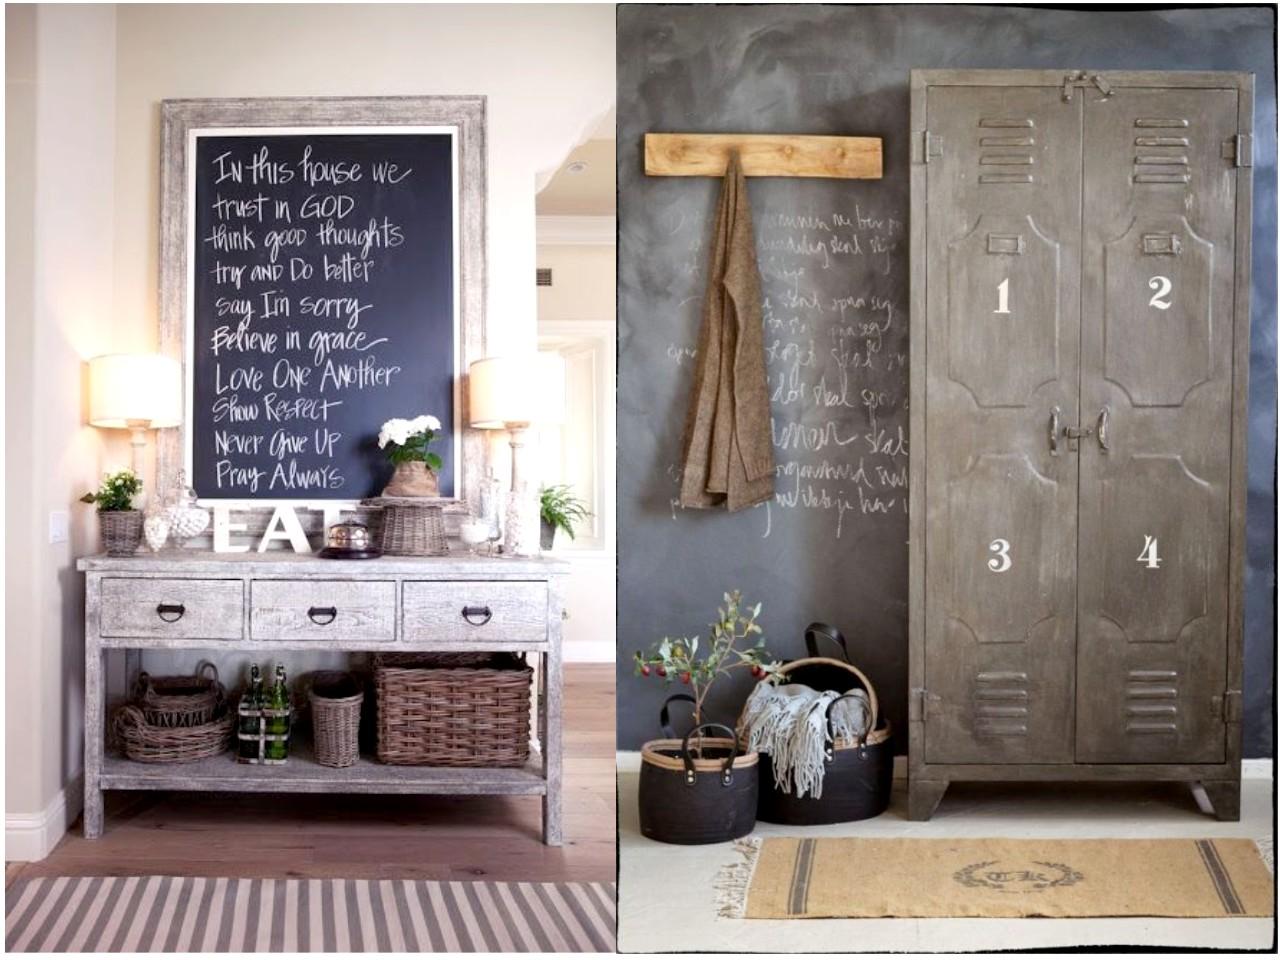 Las 6 mejores ideas de decoraci n con pizarras para casa - Decoracion de entradas de casas ...